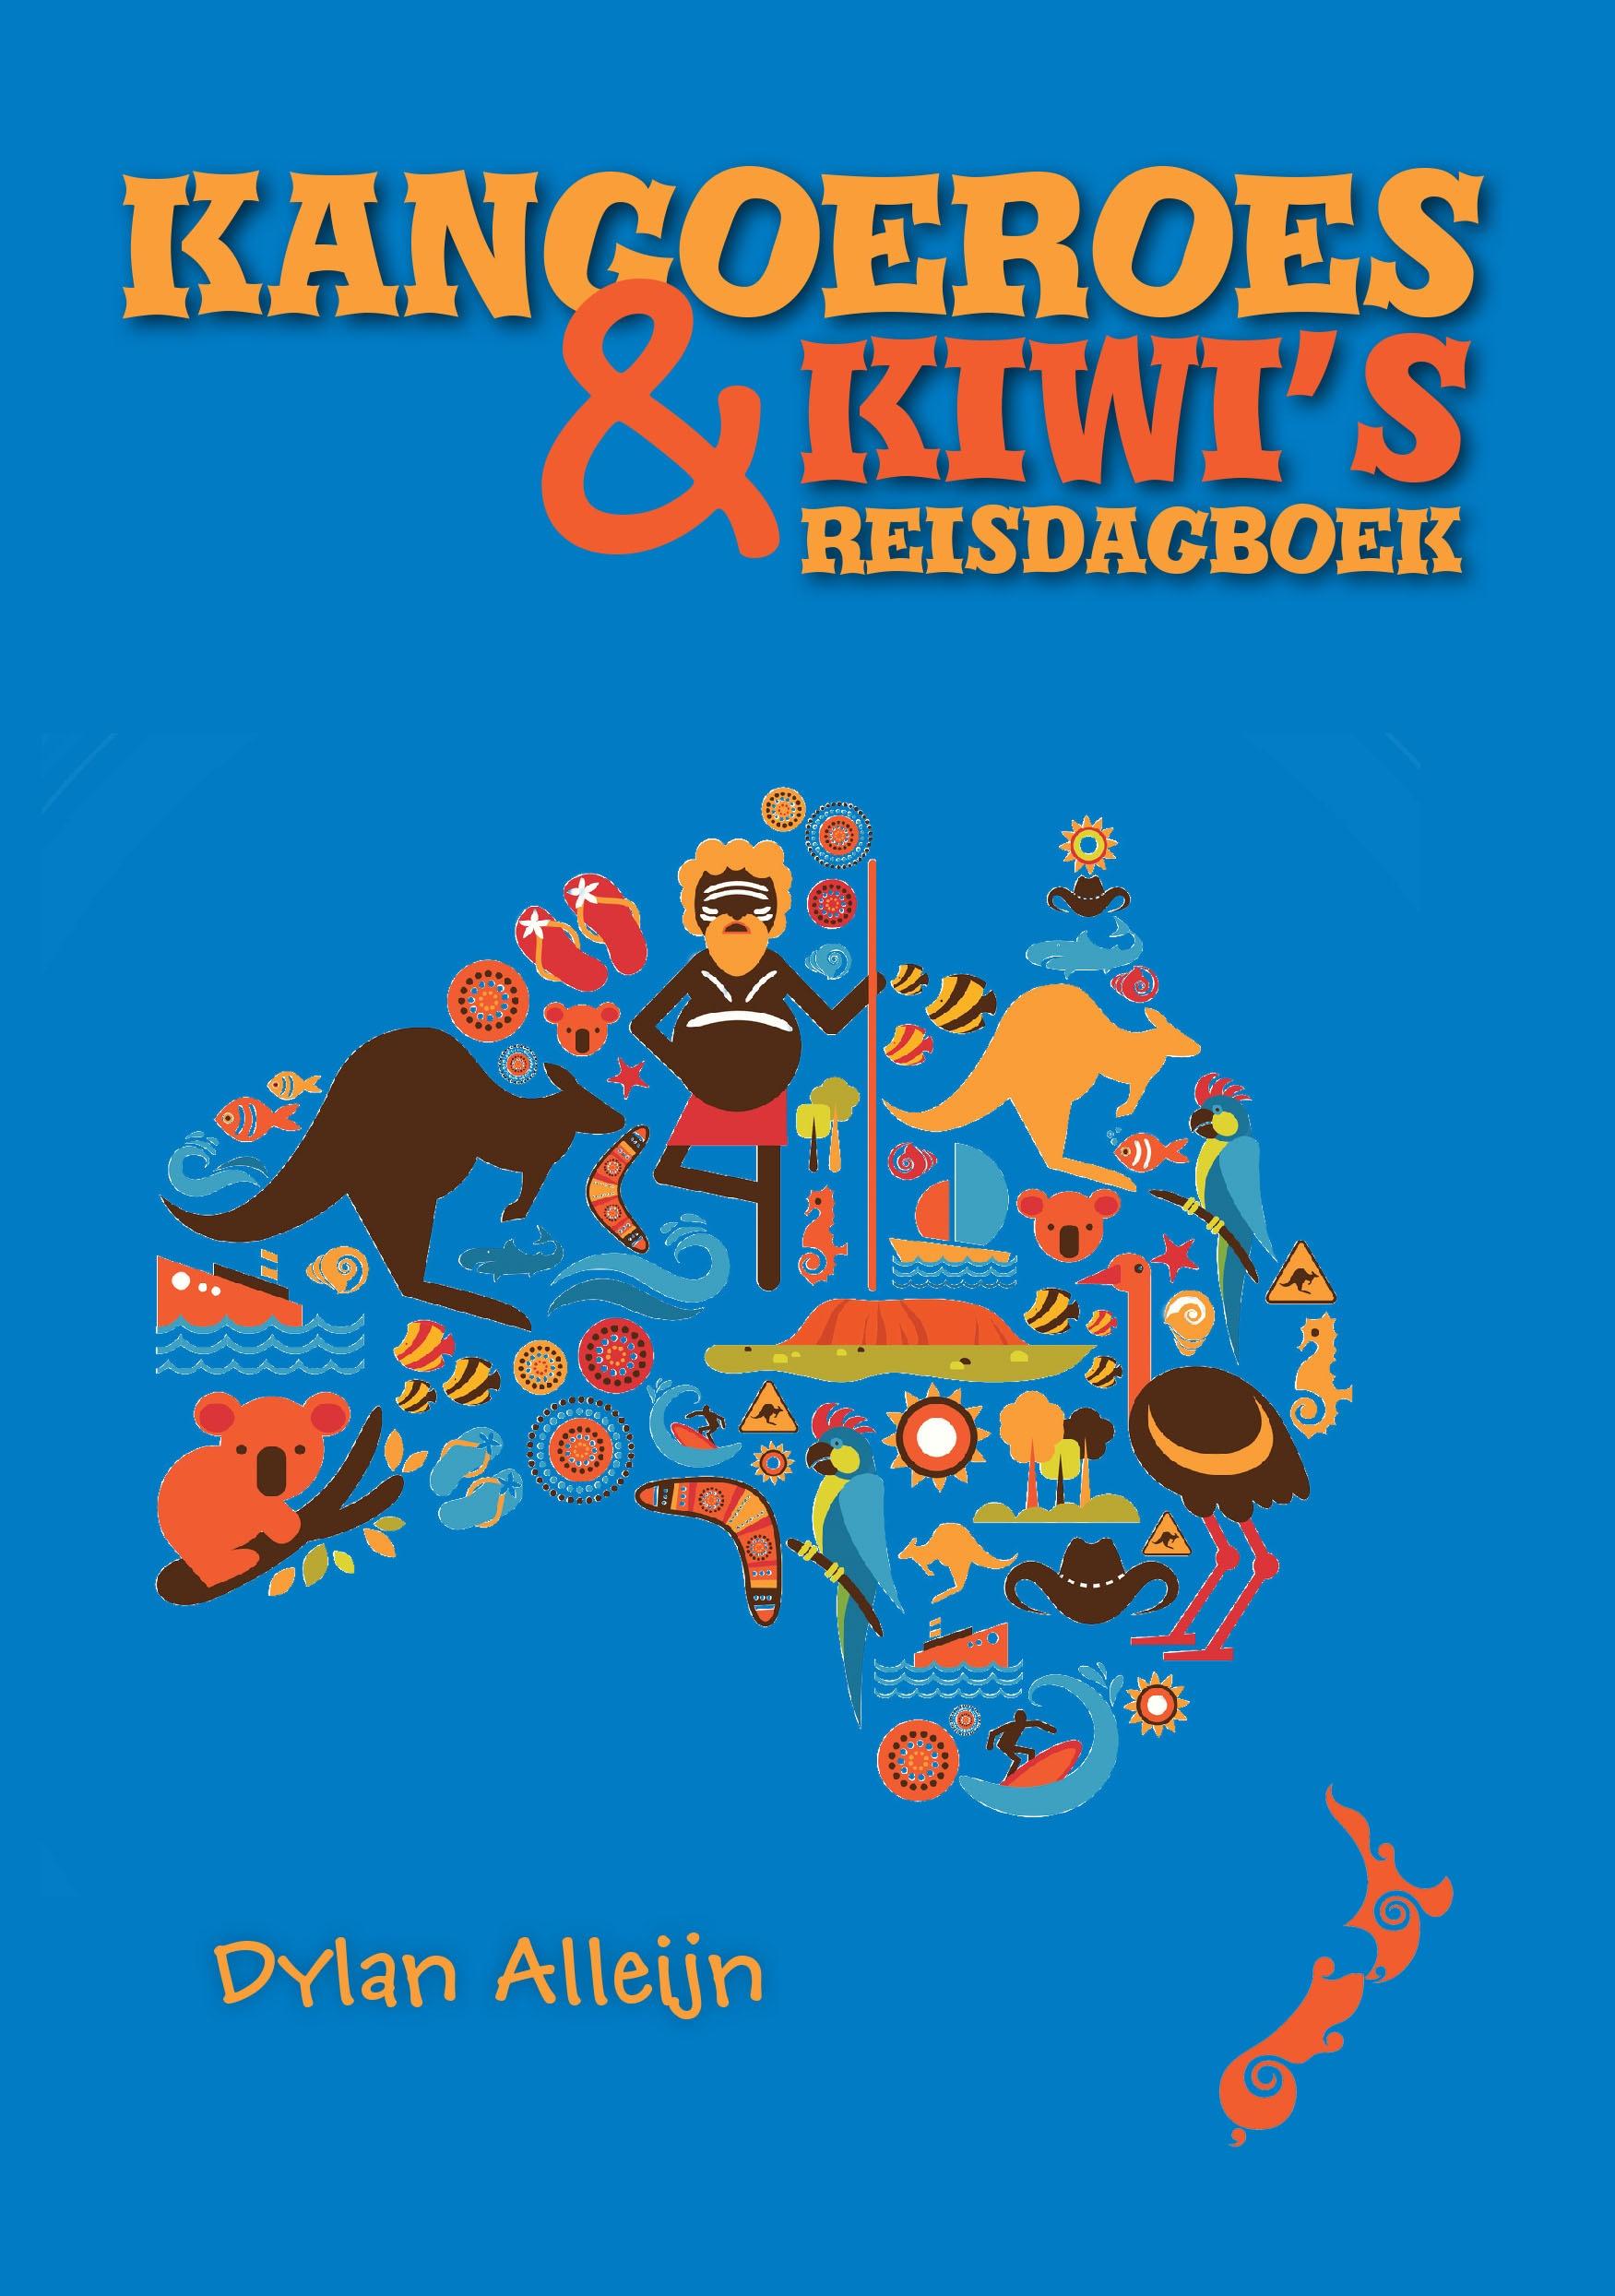 Kangoeroes & Kiwi's | Dylan Alleijn 9789402237030 Dylan Alleijn Boekscout   Reisverhalen Australië, Papoea Nieuw-Guinea en Nieuw-Zeeland